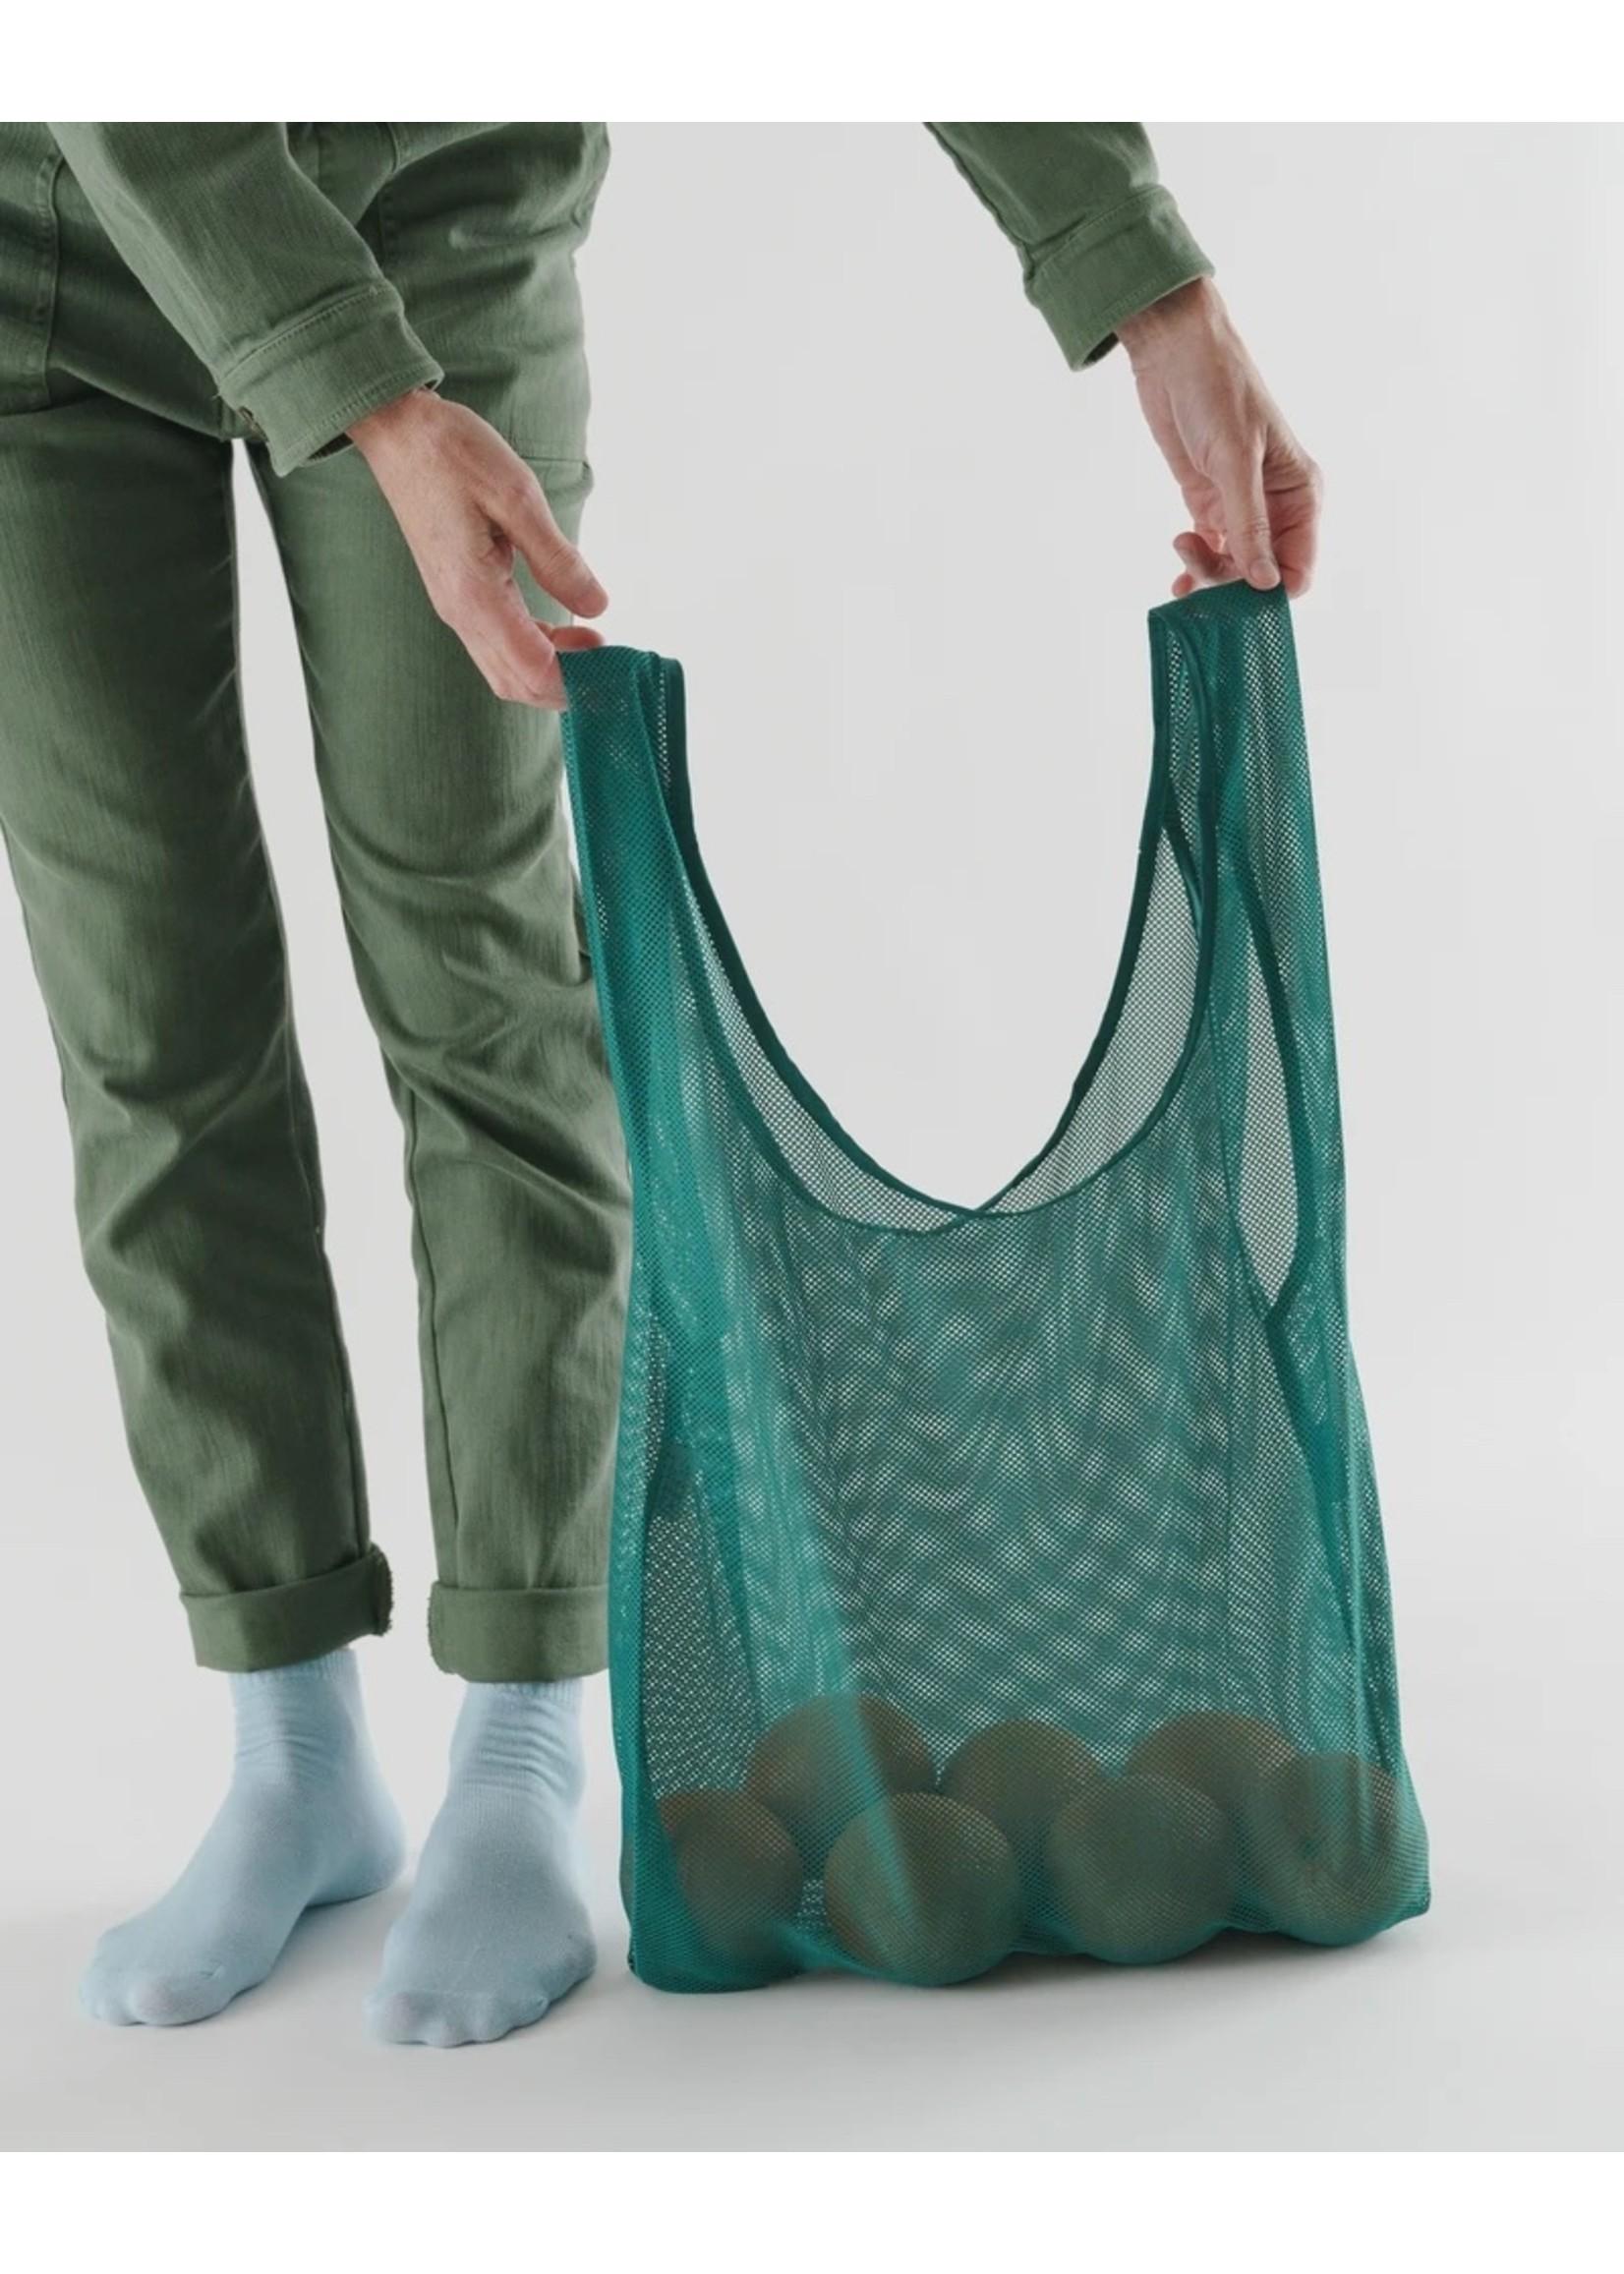 Baggu Baggu Mesh Reusable Bag - Malachite